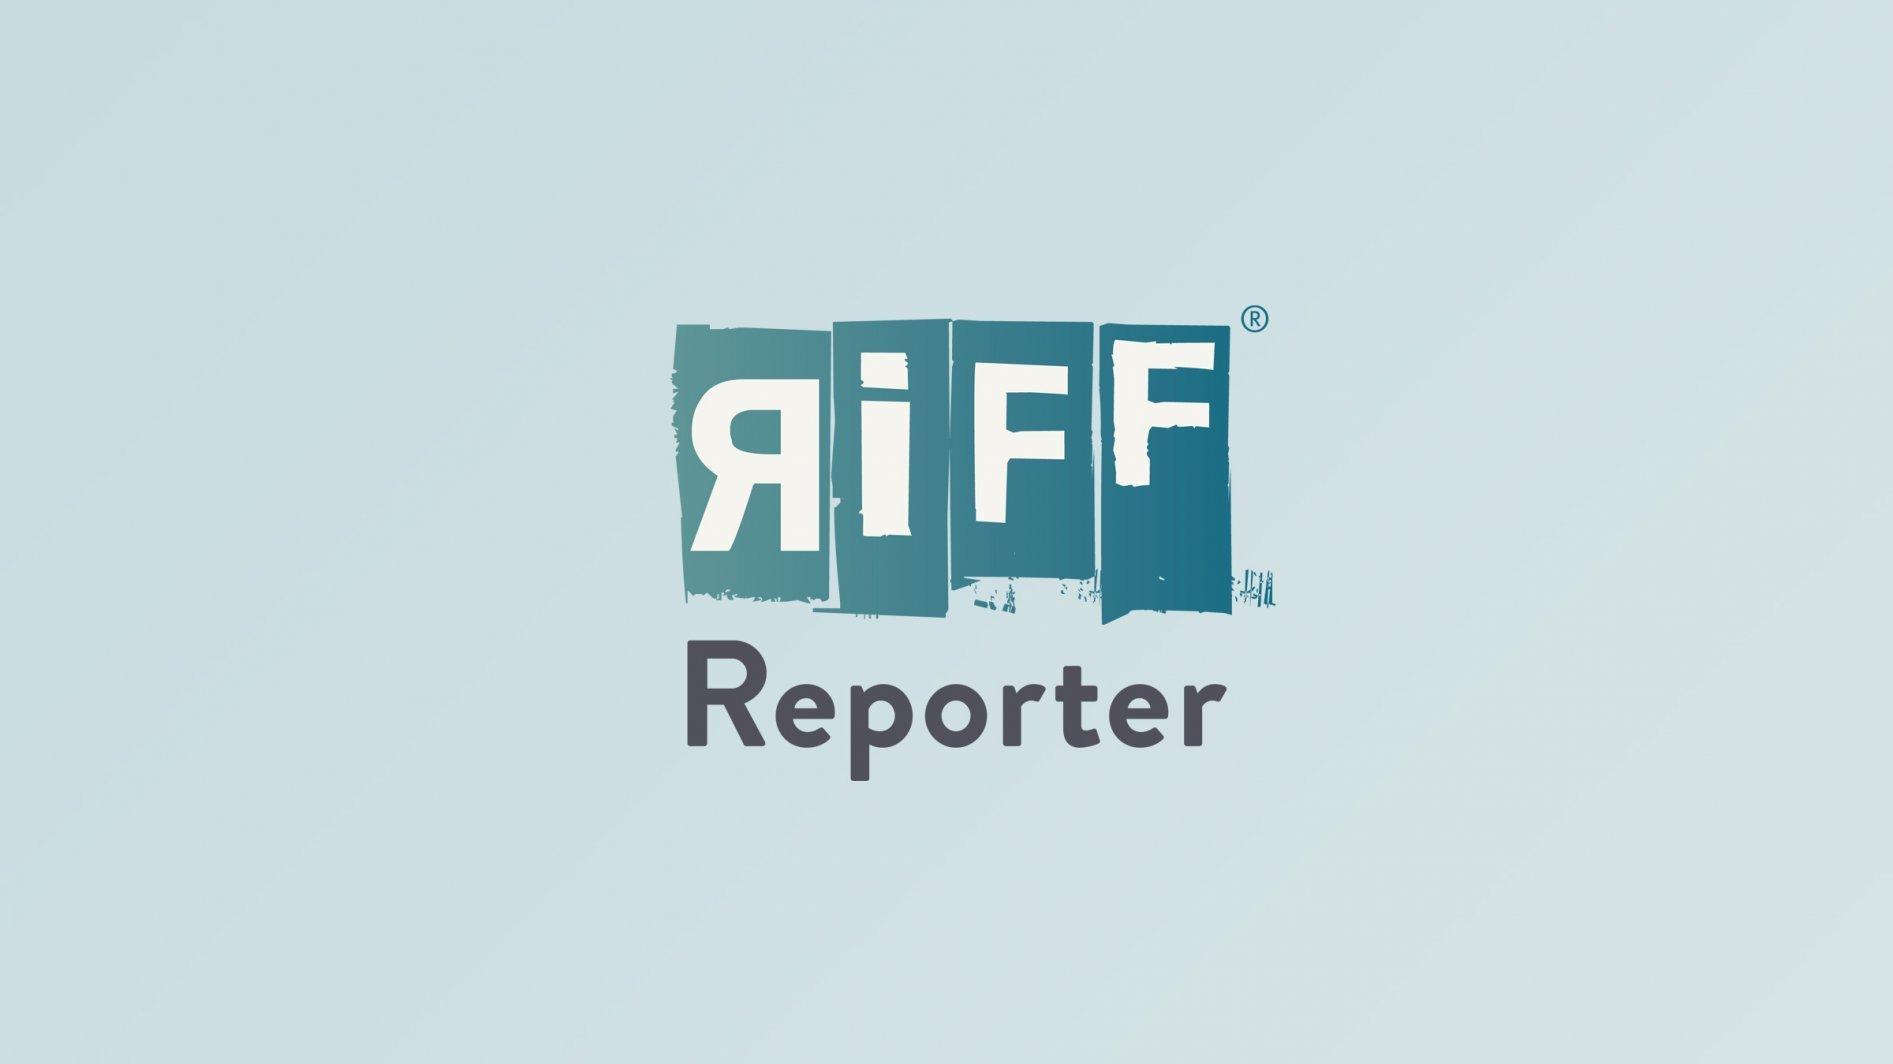 Der Meteorit von Blaubeuren ist mit Metallträgern und Holzkeilen eingespannt, um angesägt und weiter untersucht zu werden.